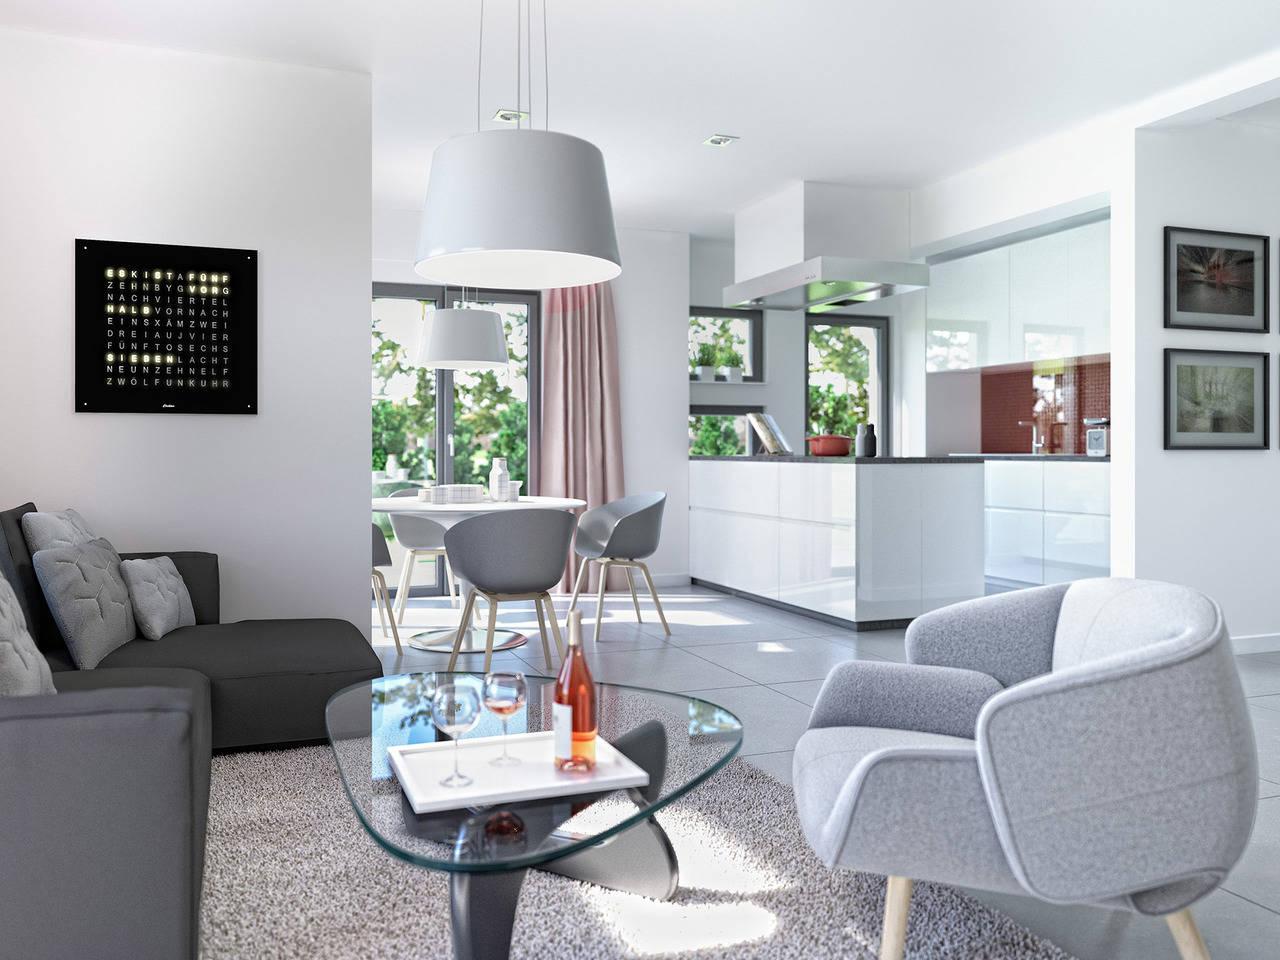 Haus SOLUTION 87 V4 Wohnzimmer von Living Haus